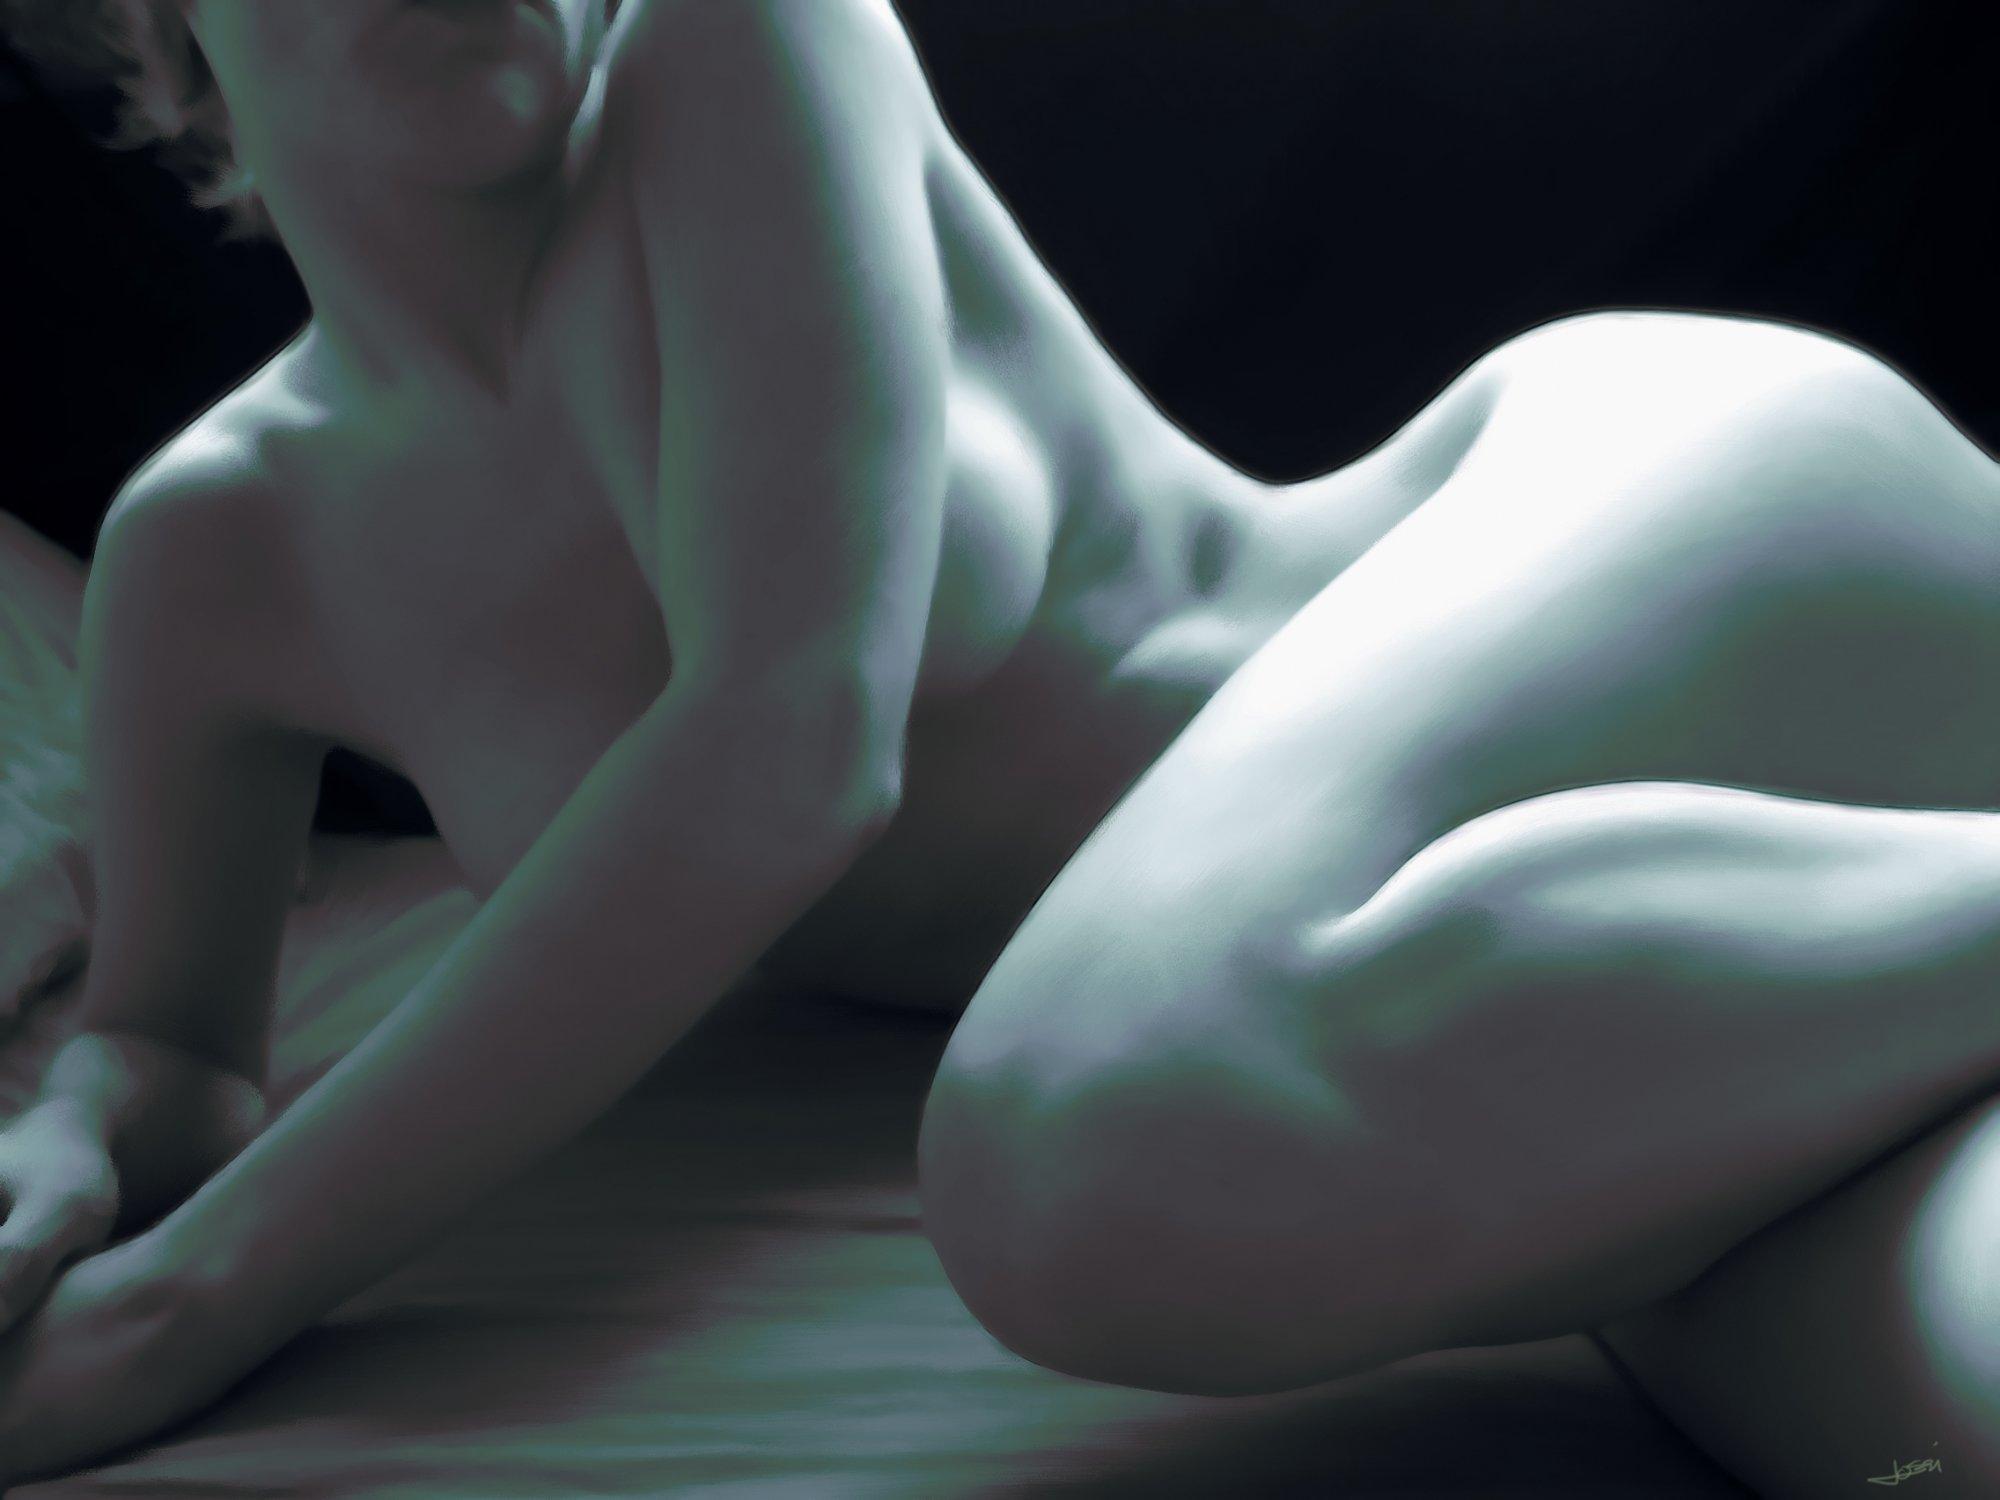 Чем опасен секс без оргазма для женщин 7 фотография